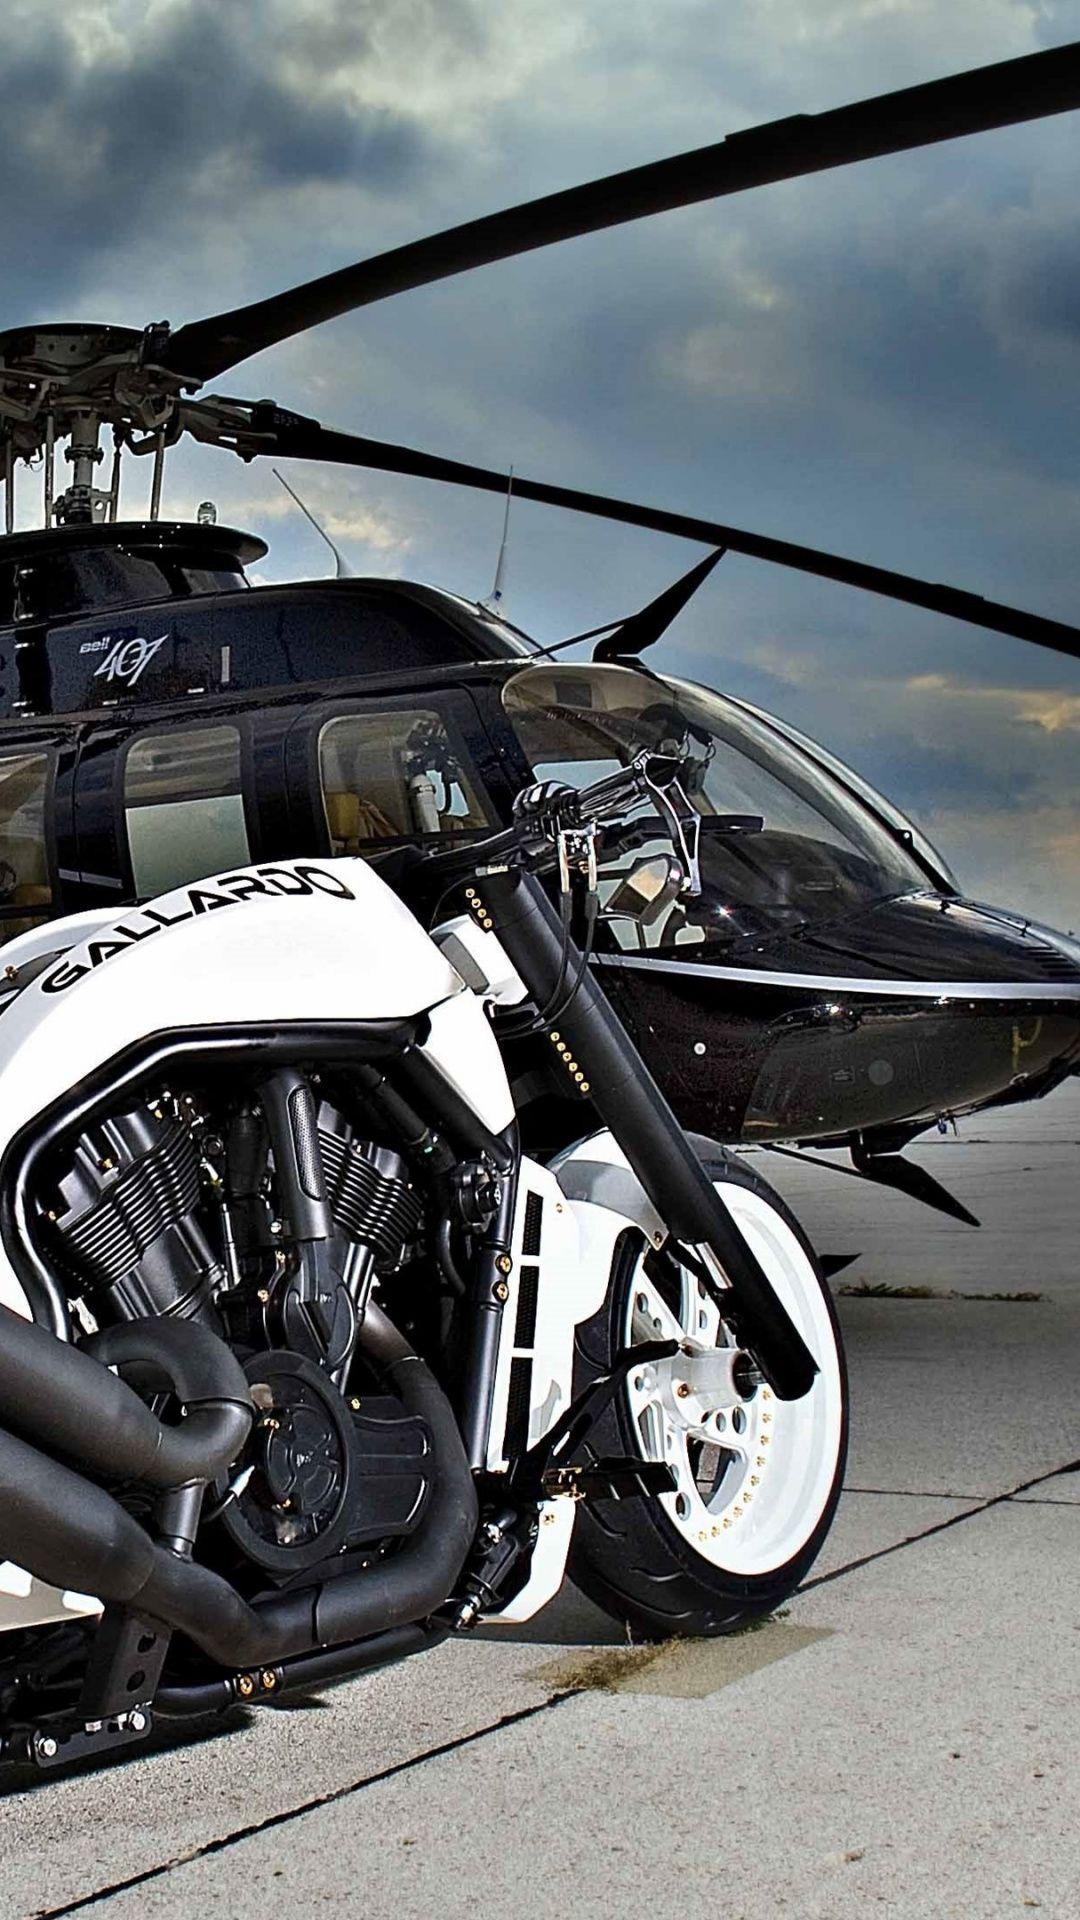 Cafe Racer Harley Davidson Vrsc Car Tuning Car Rotorcraft Helicopte